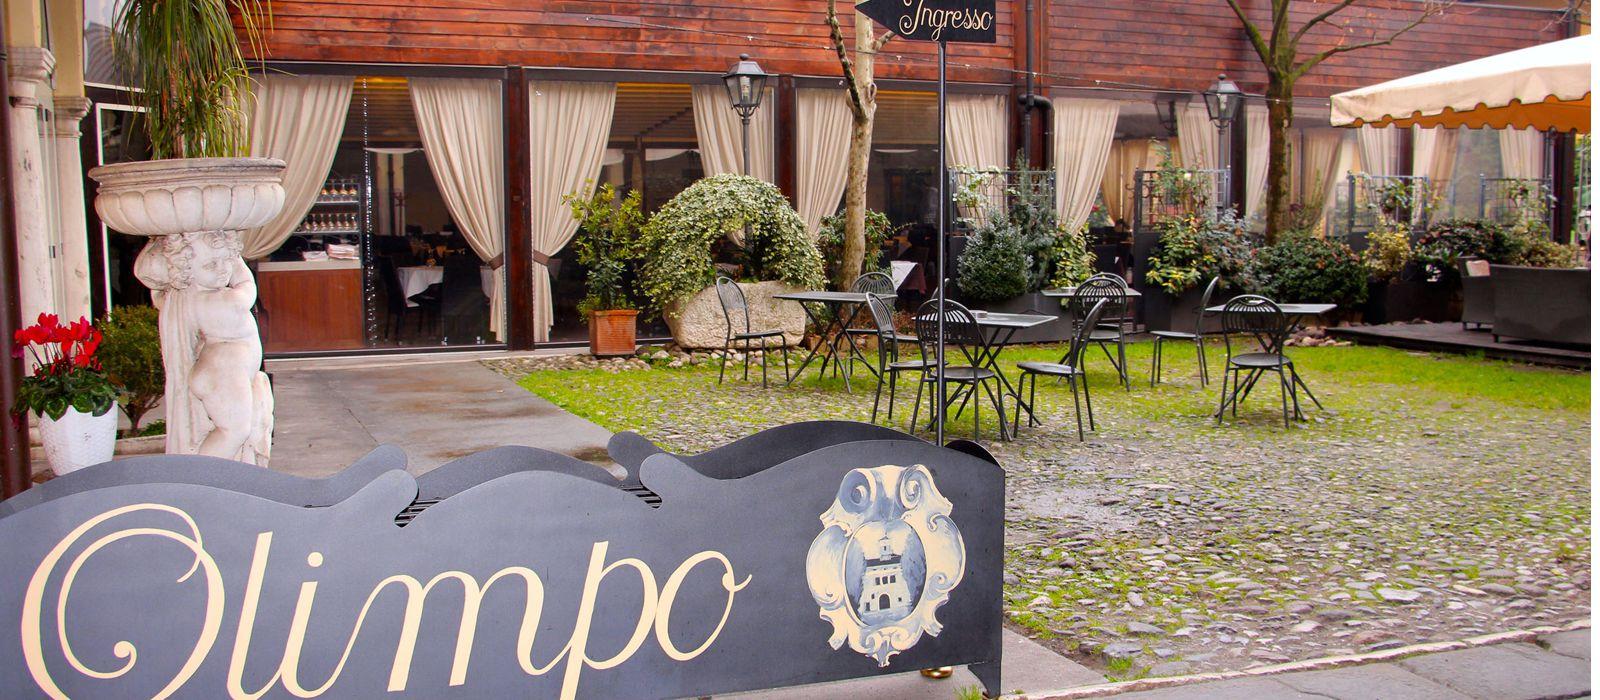 Ingresso | Ristorante Olimpo - Brescia